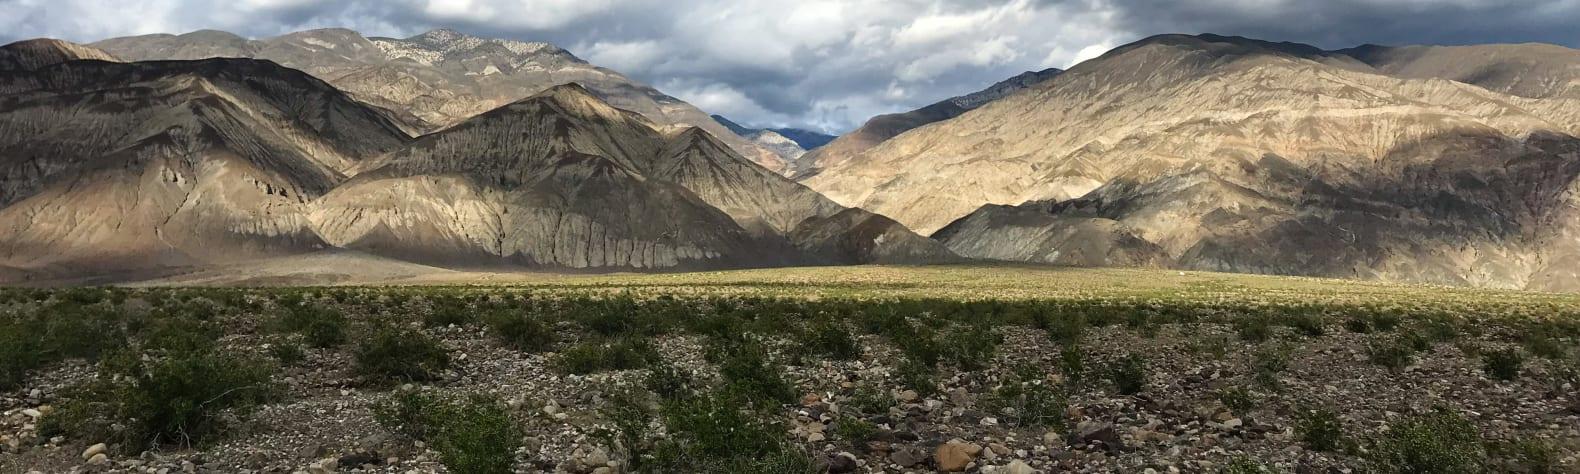 Death Valley Stargazing Camp